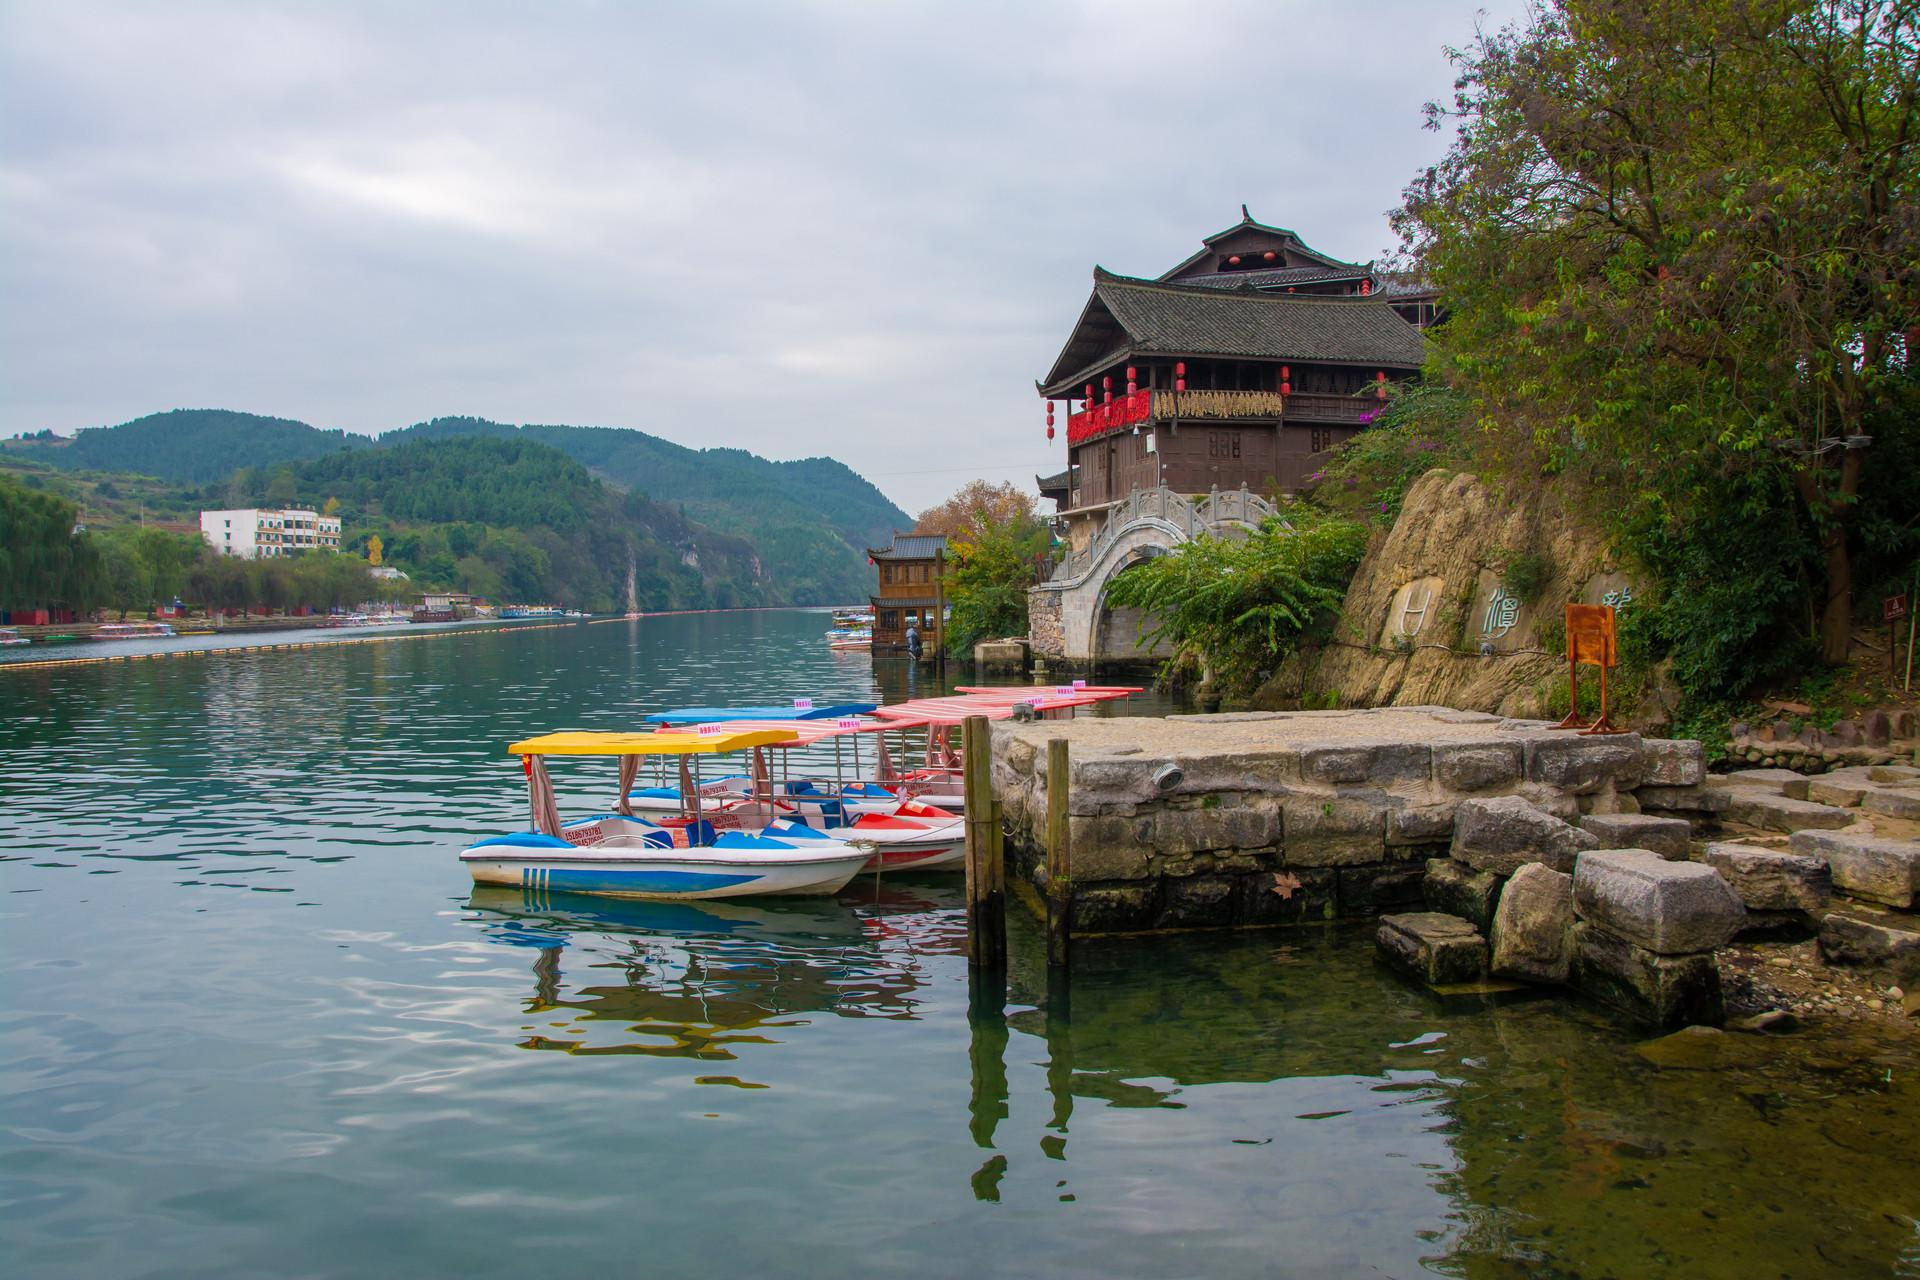 贵州的小上海,百年前商户云集,如今回归平淡发展旅游_古镇